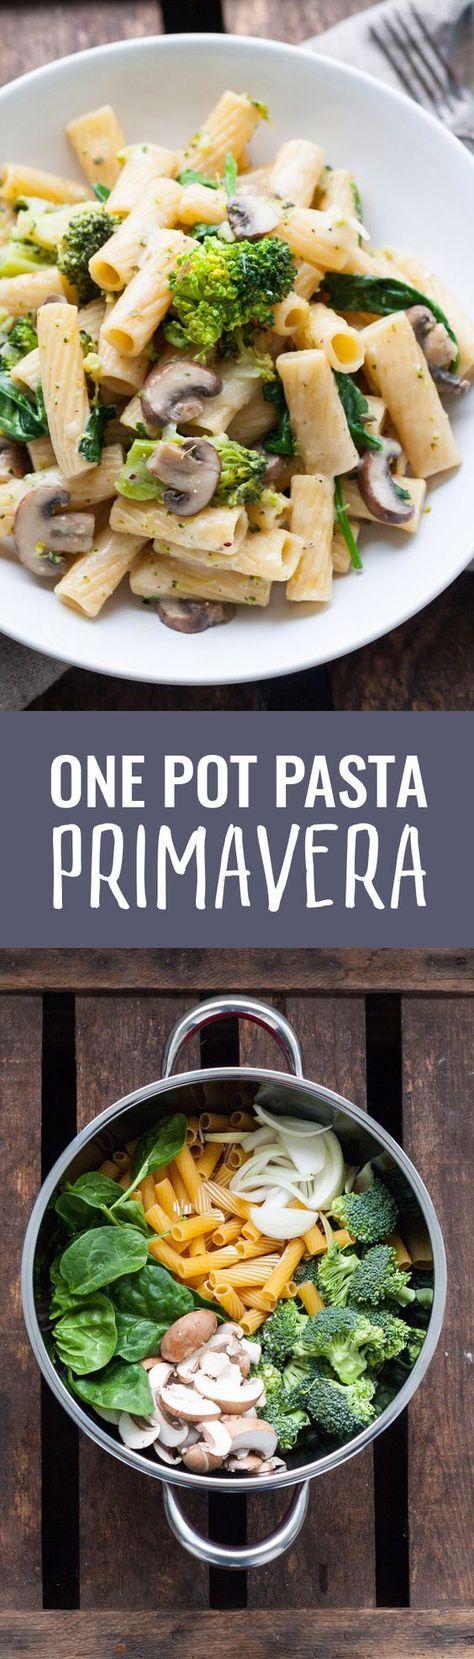 Dieser Beitrag enthält Werbung für Ecover Es gibt One Pot Pasta Baby! Ich sage nur: One Pot Pasta Primavera. Vollgepackt mit knackigem Gemüse. Einer würzig-leichten Sahnesauce. Und das Beste: In 15 Minuten fertig. Zeit für Frühling auf dem Teller und ein tolles Giveaway. Ich weiß ja nicht wie's euch geht, aber ich habe Hunger auf...Read More »